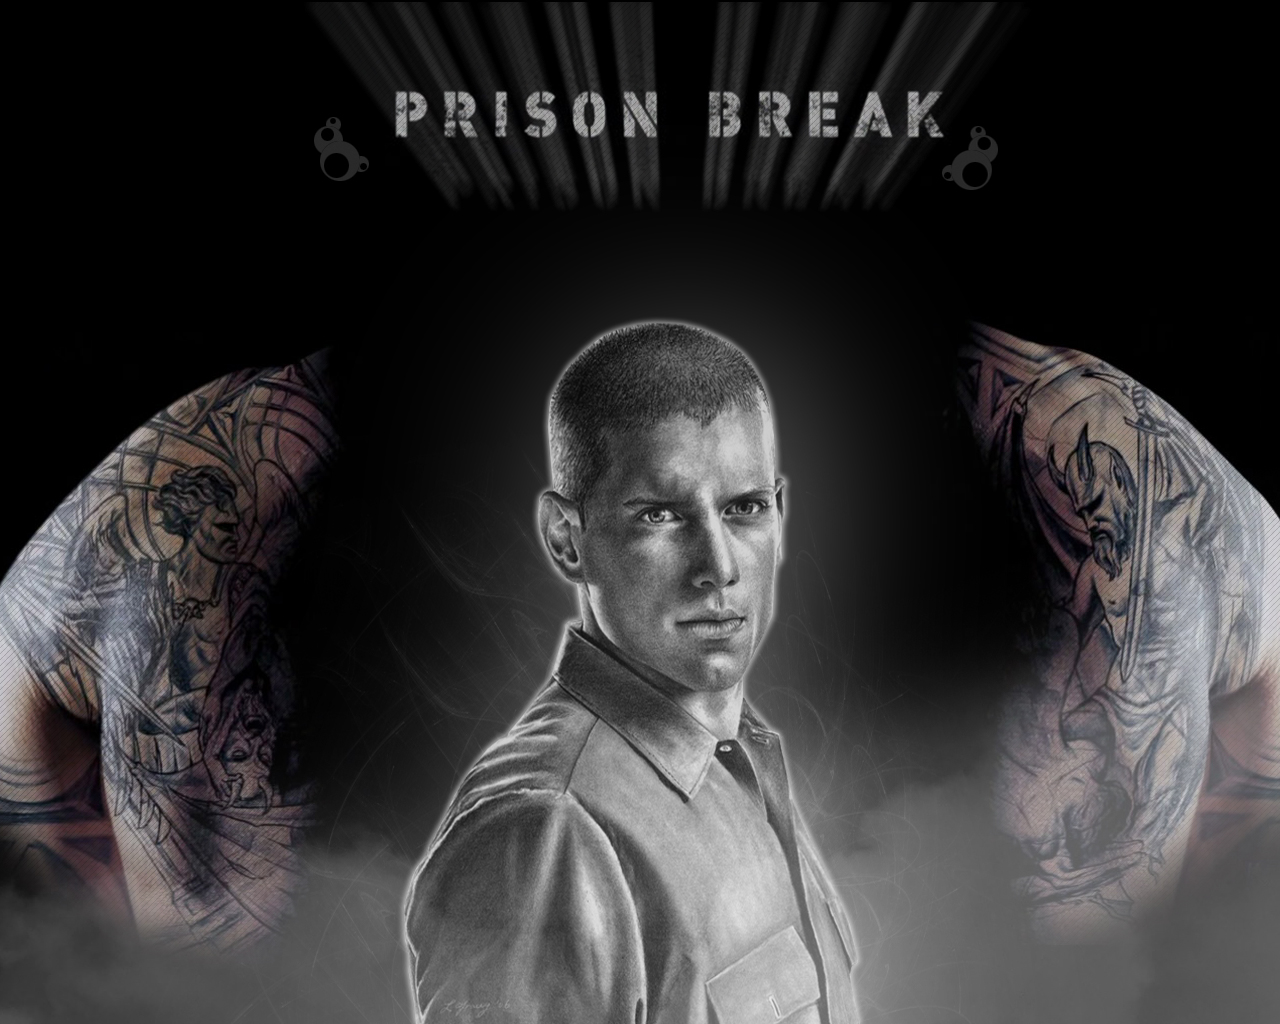 Wallpapers Prison Break 1280x1024